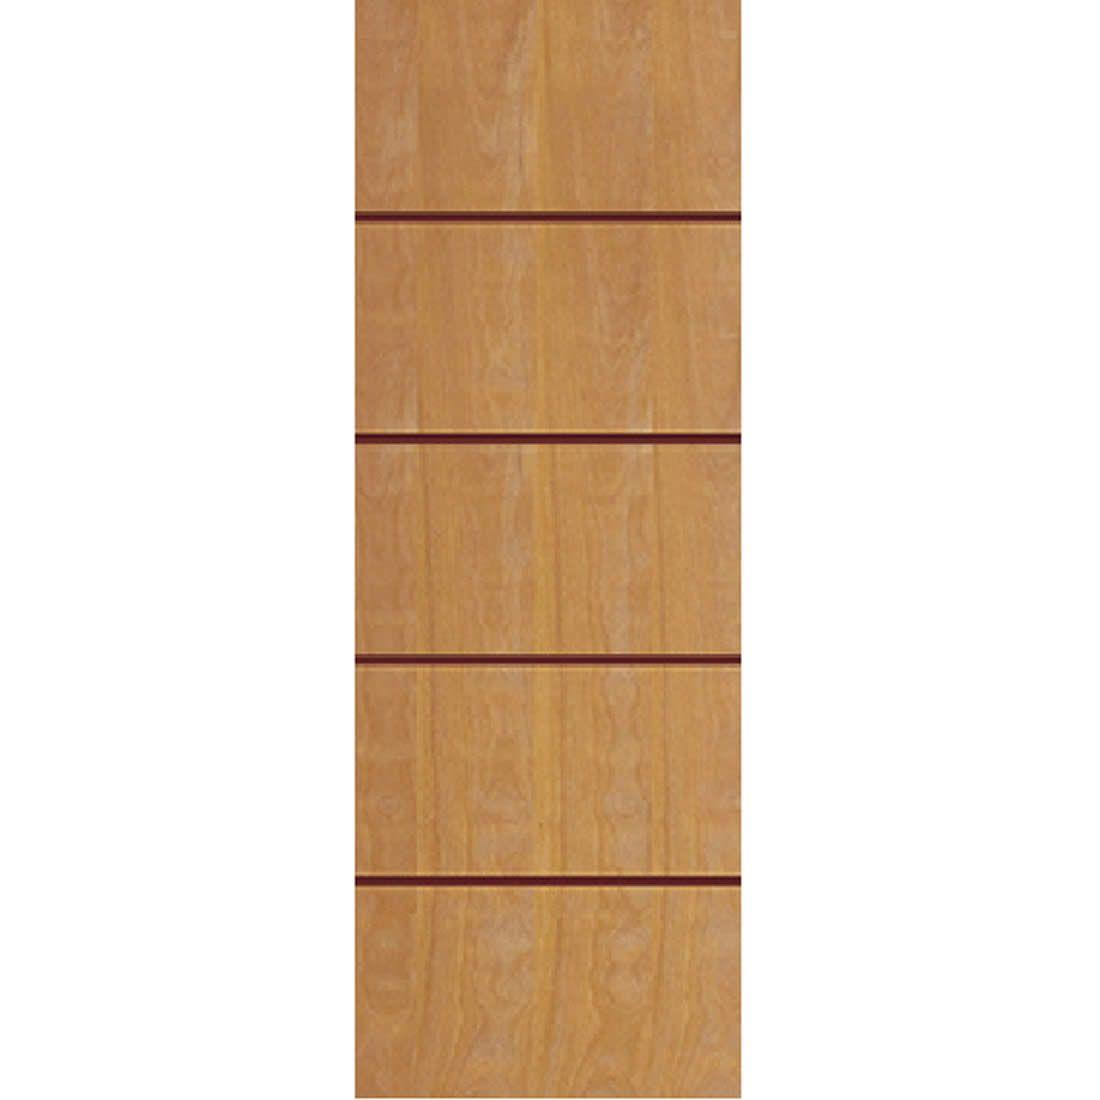 Porta 2,10 x 0,70m em Madeira Curupixa Semi Sólida Modelo 02 Frisada JB Paes